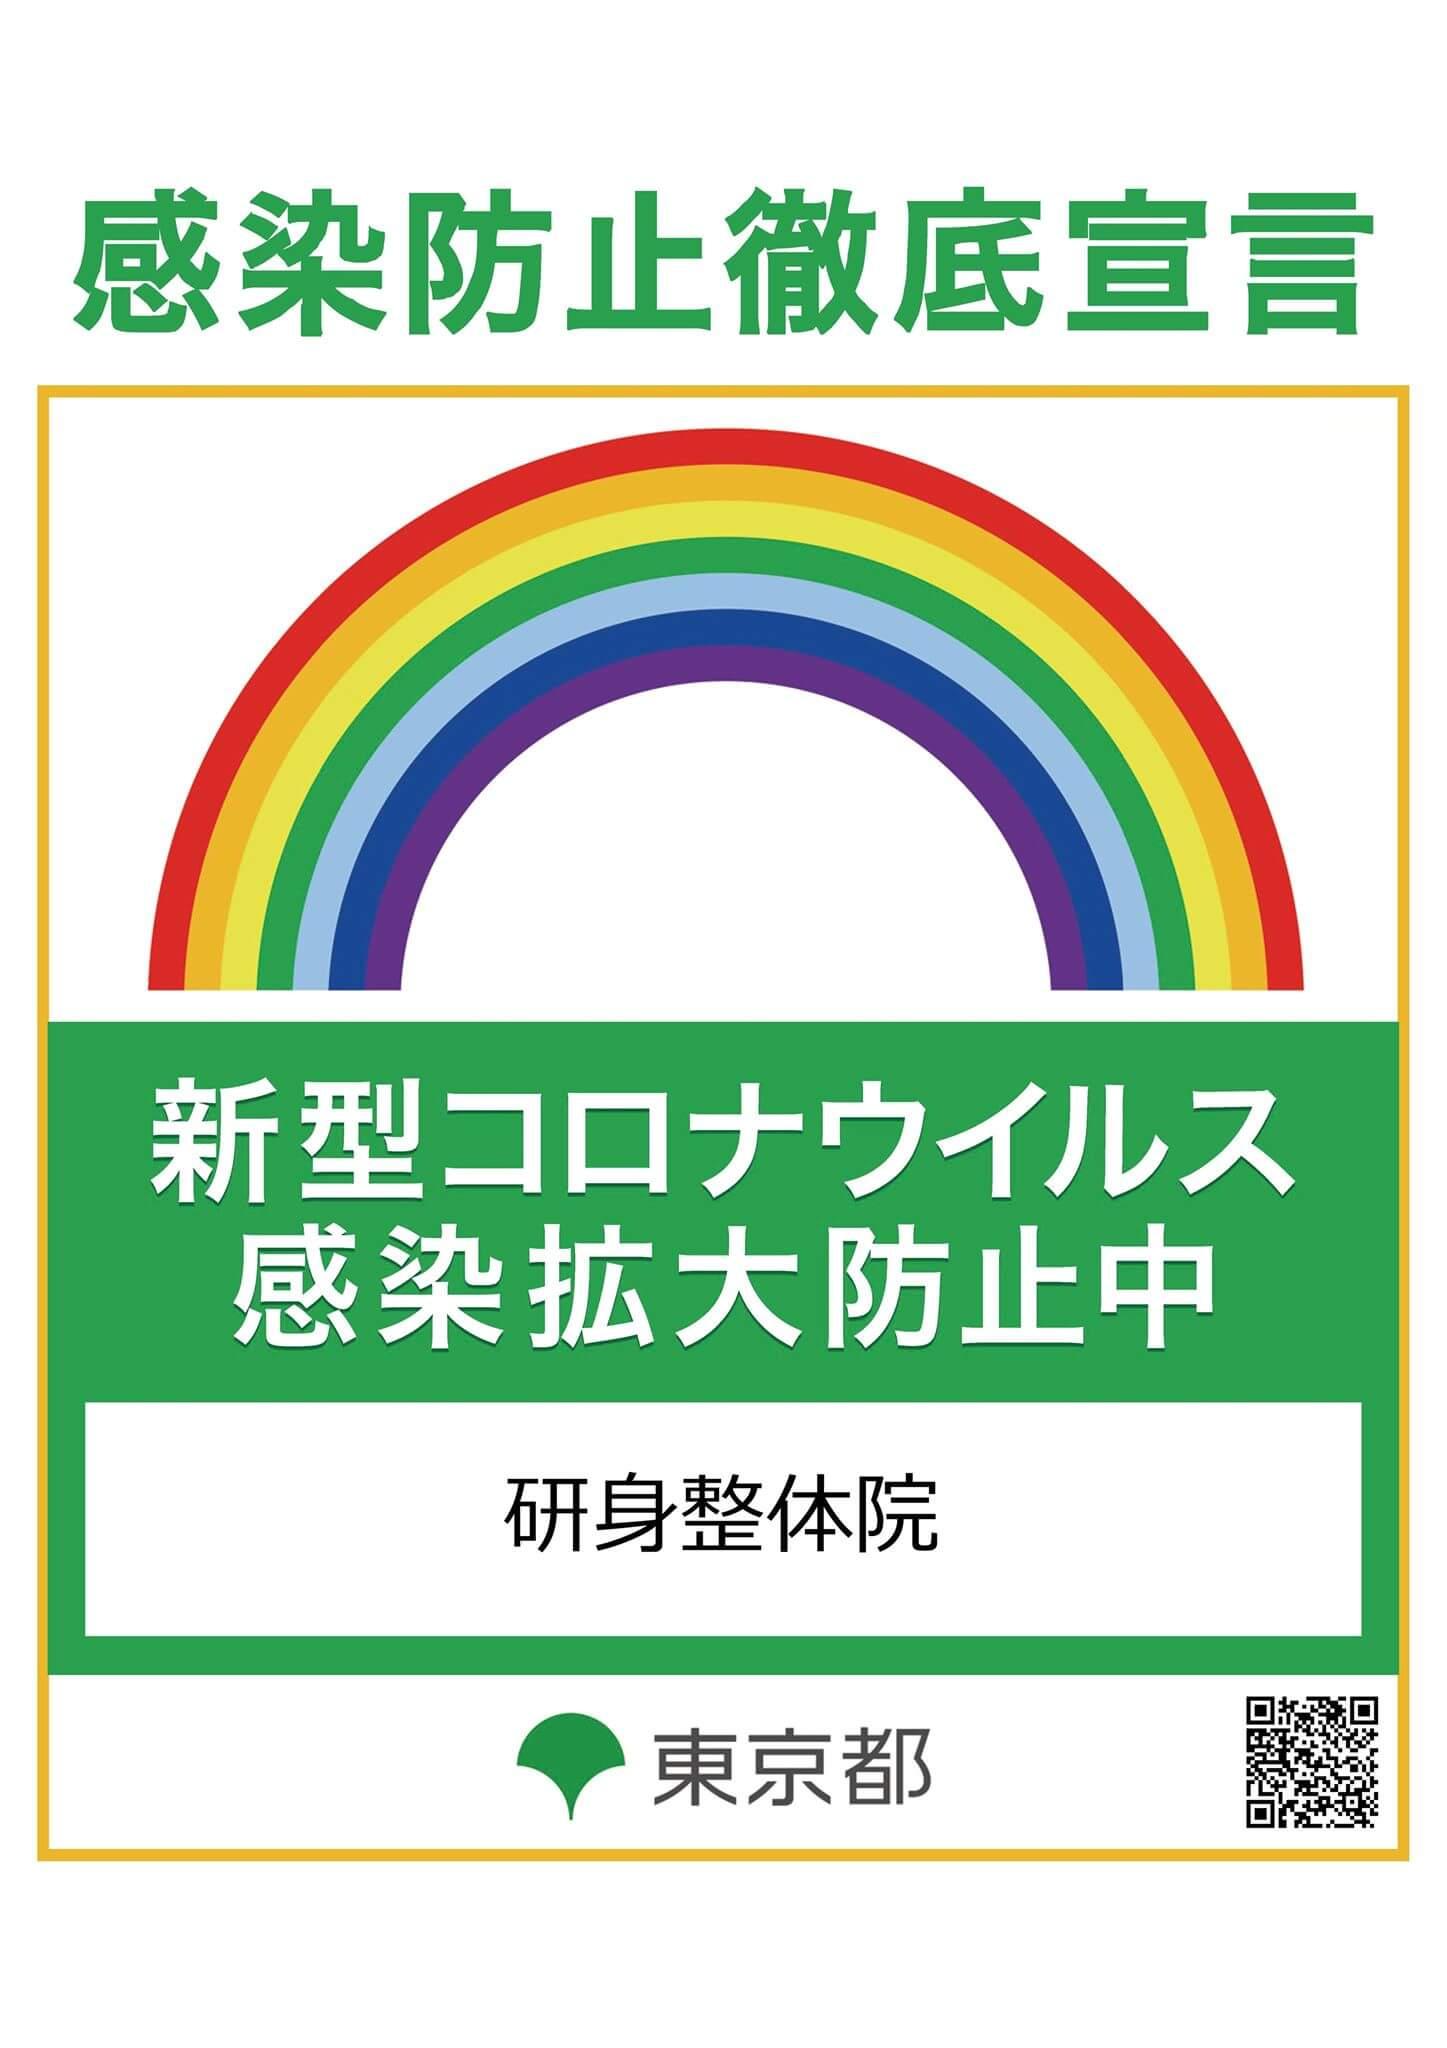 東京都感染拡大防止チェックシートのステッカー